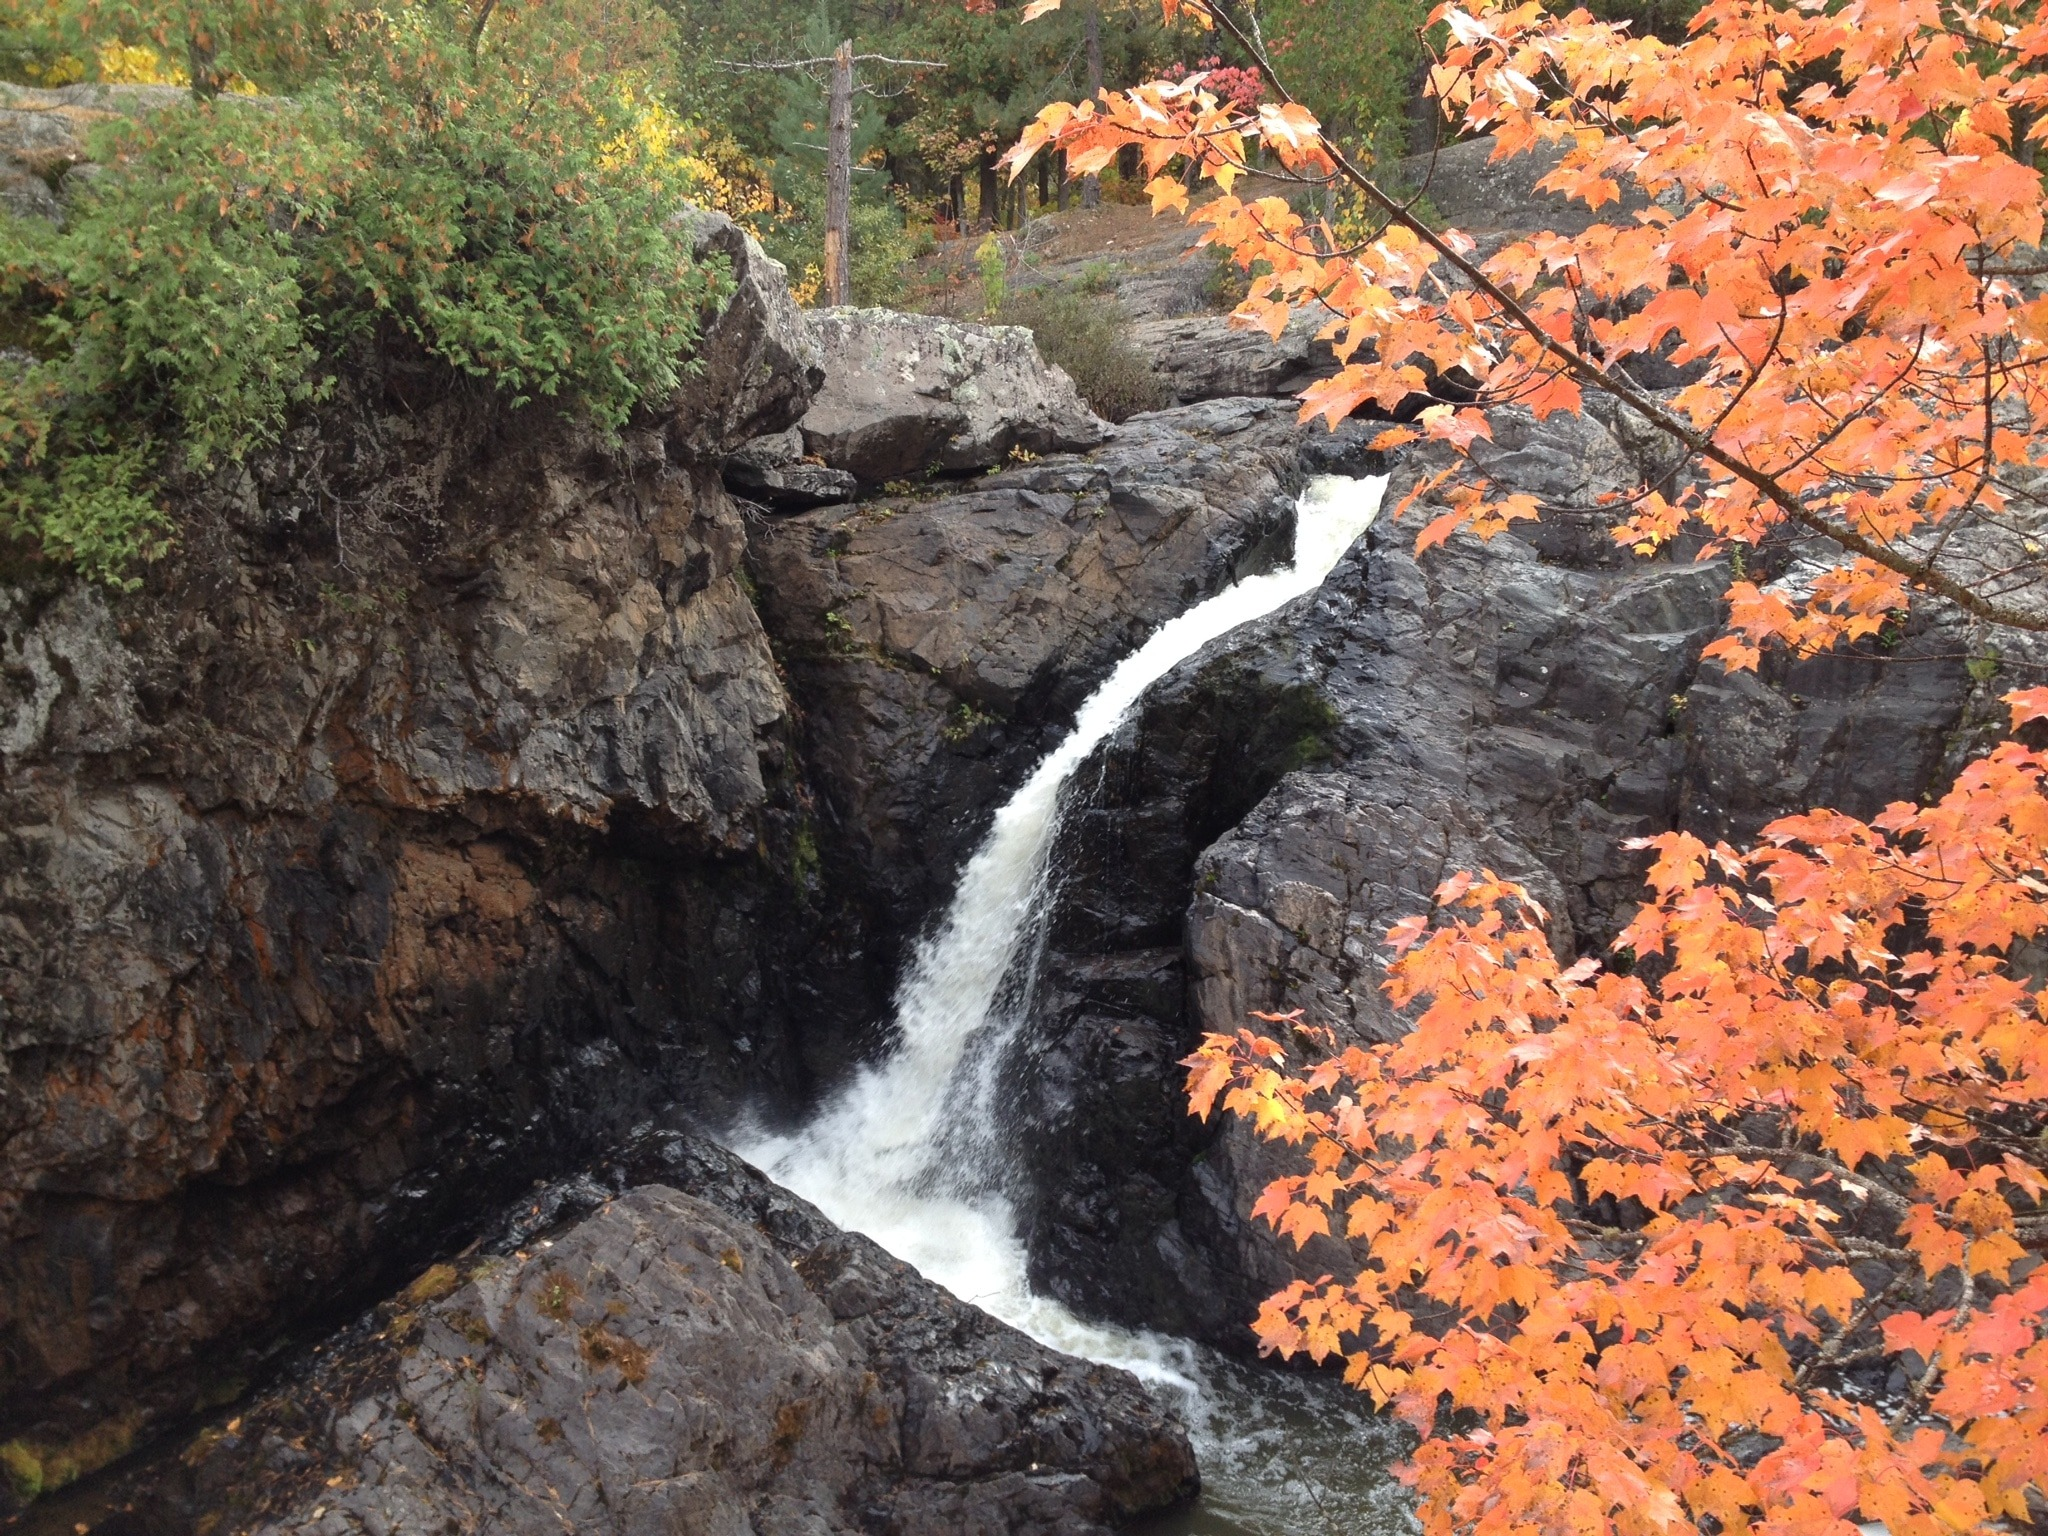 Second Drop of Dead River Falls